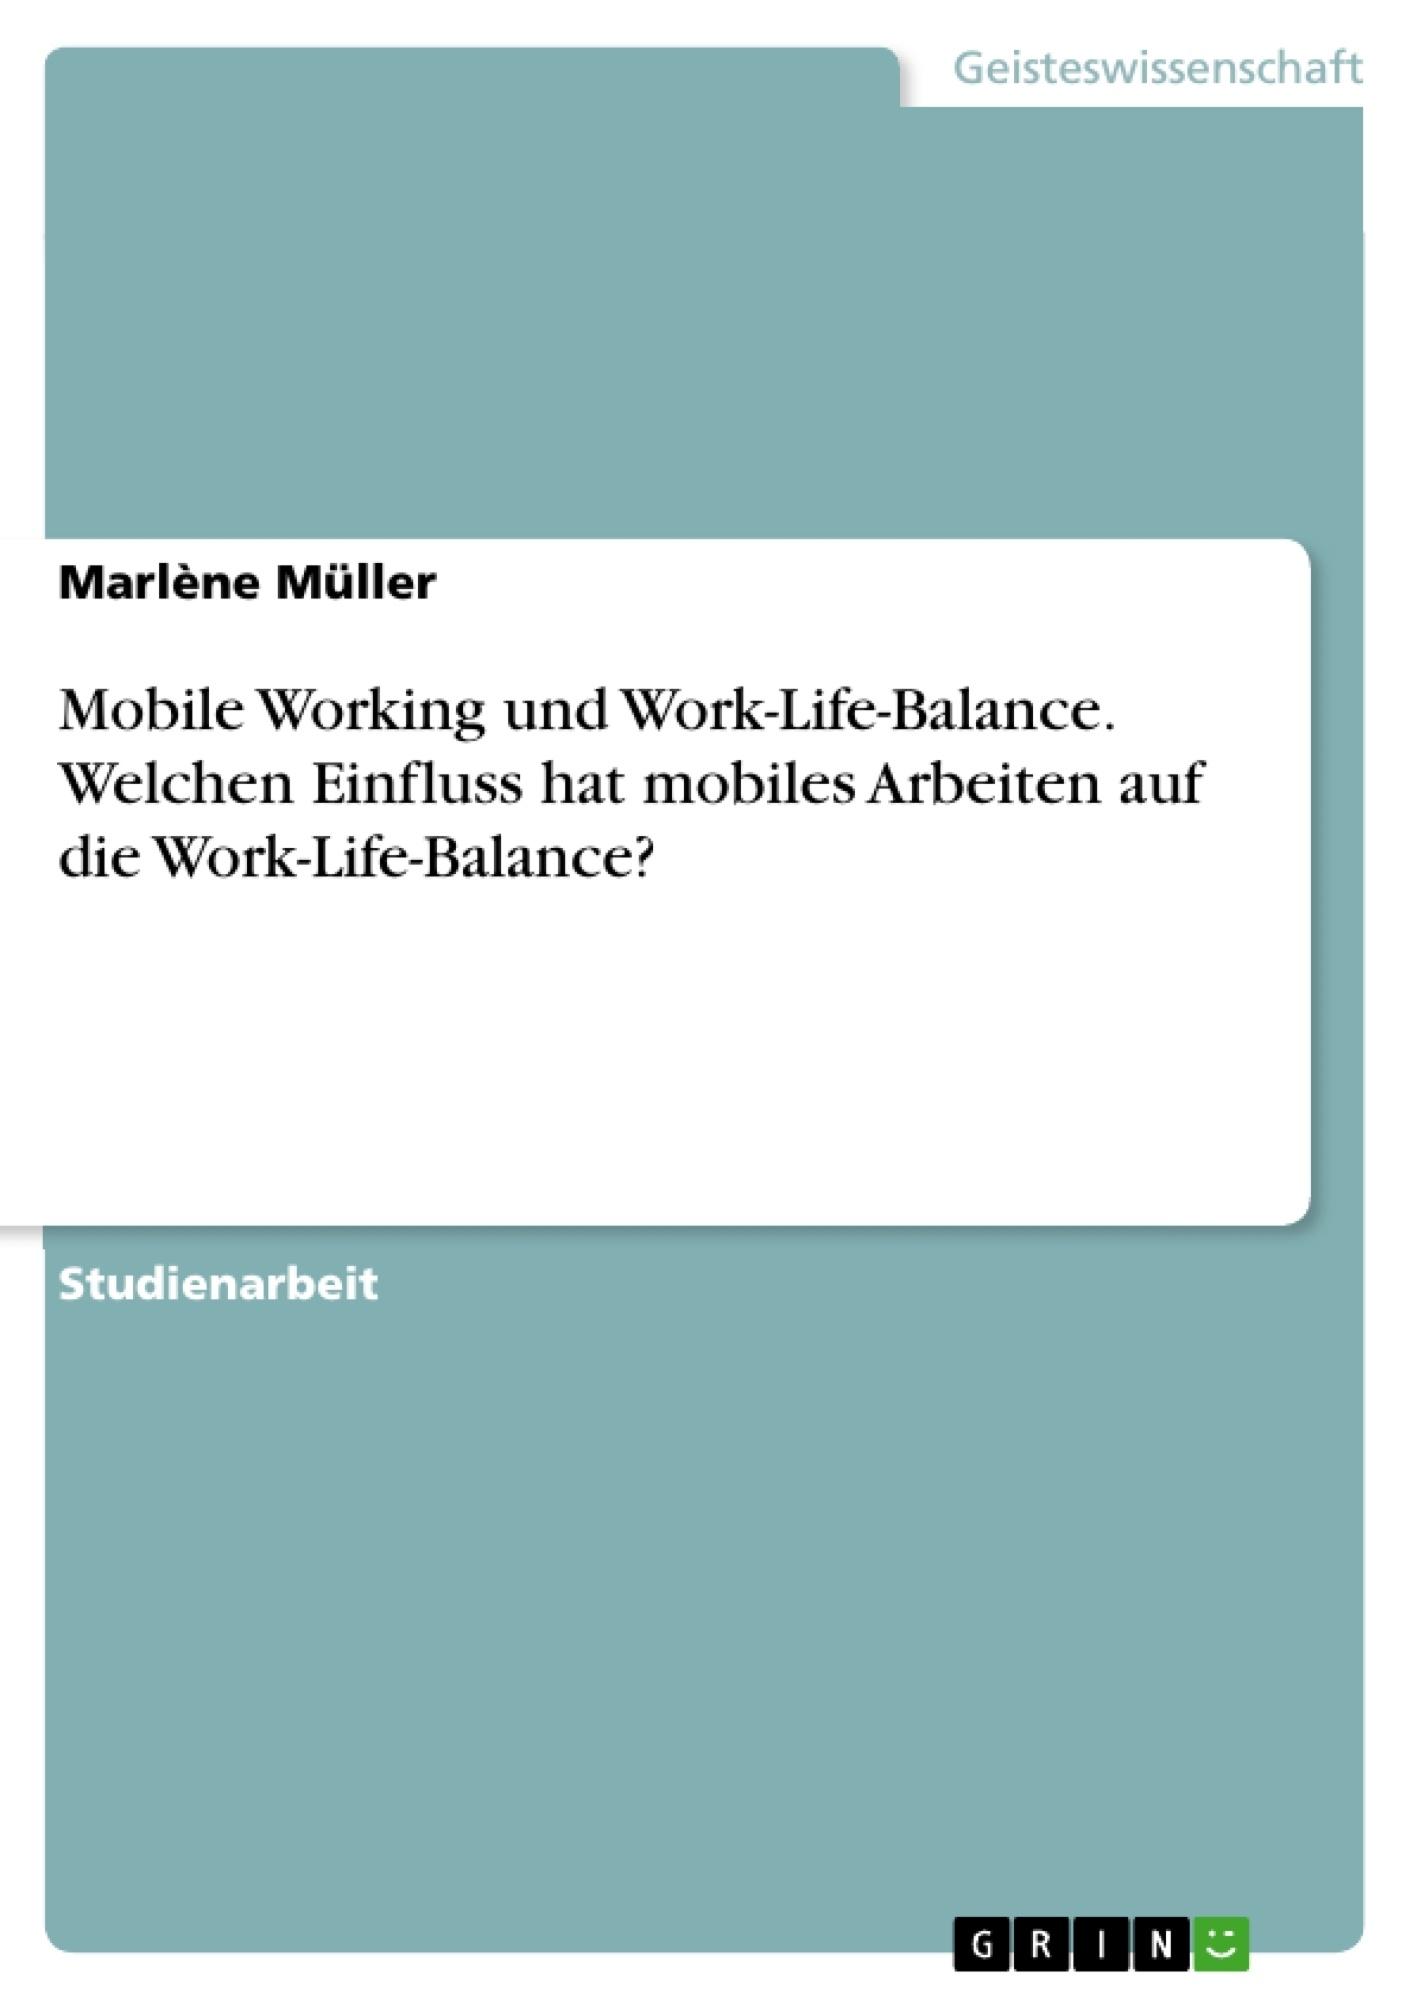 Titel: Mobile Working und Work-Life-Balance. Welchen Einfluss hat mobiles Arbeiten auf die Work-Life-Balance?